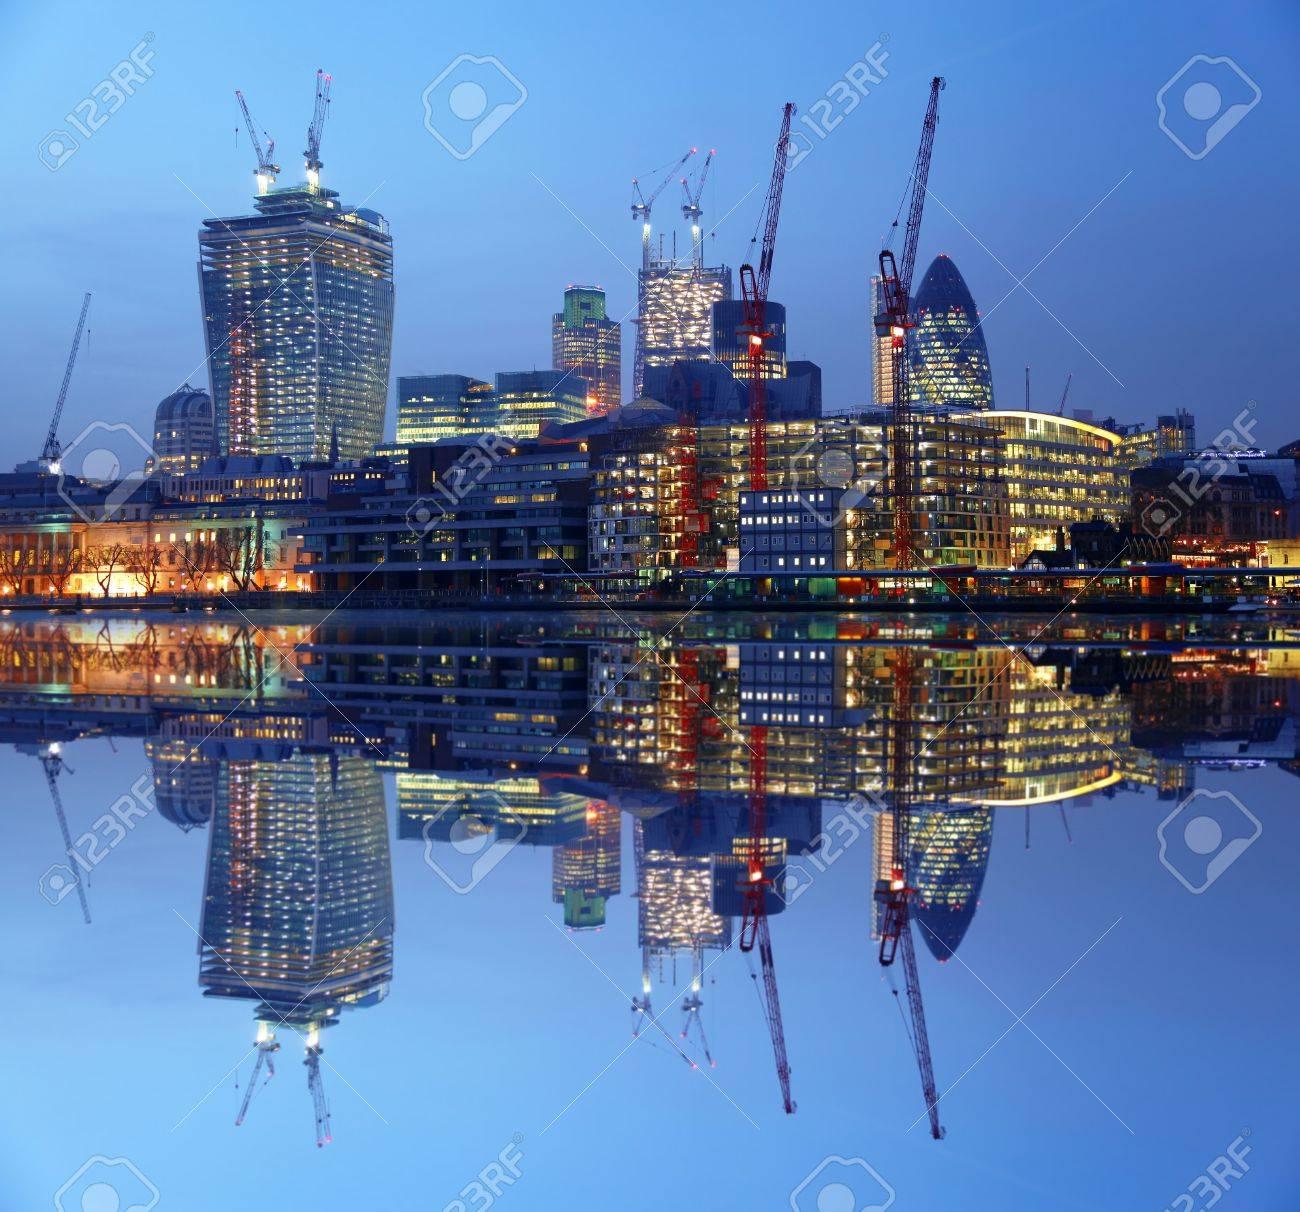 Modern London cityscape in LONDON, UK - 19181413